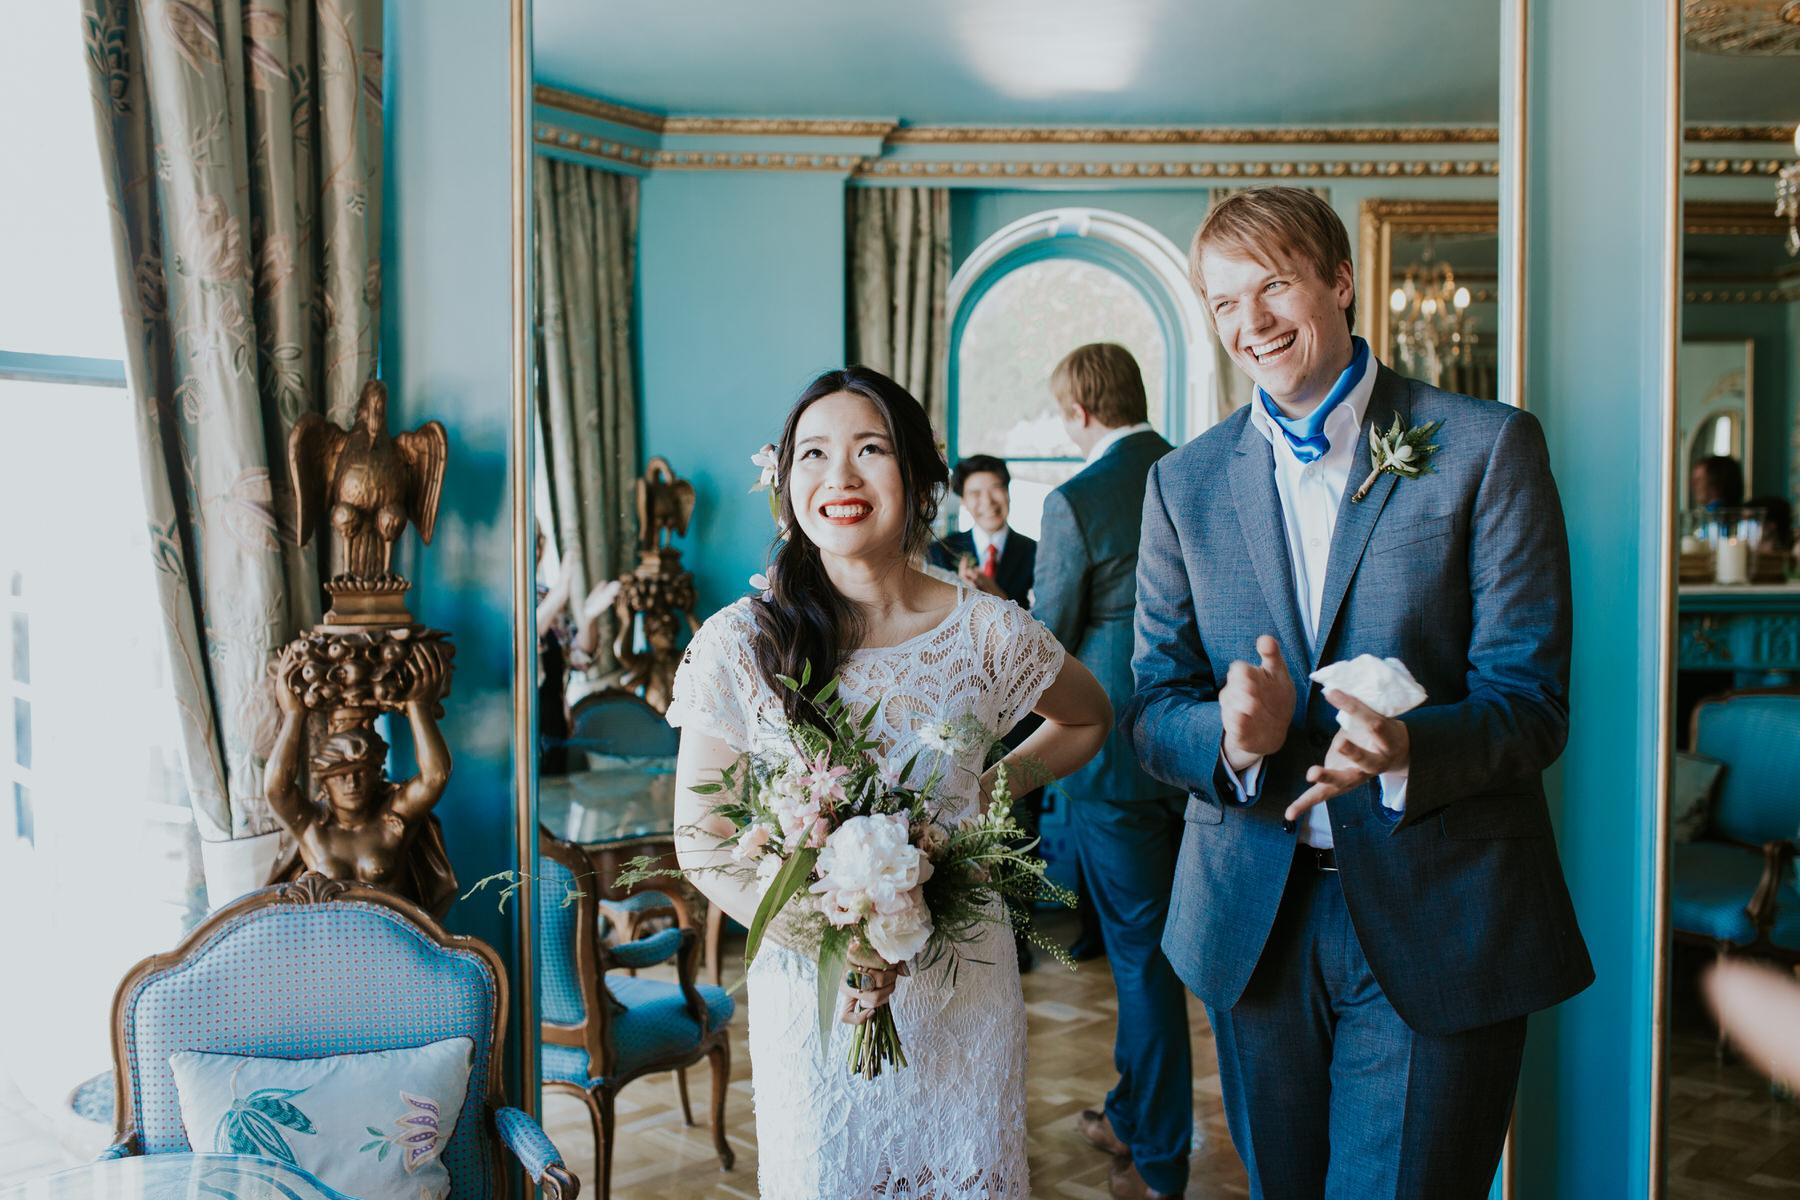 527 Portmeirion documentary wedding photographer.jpg